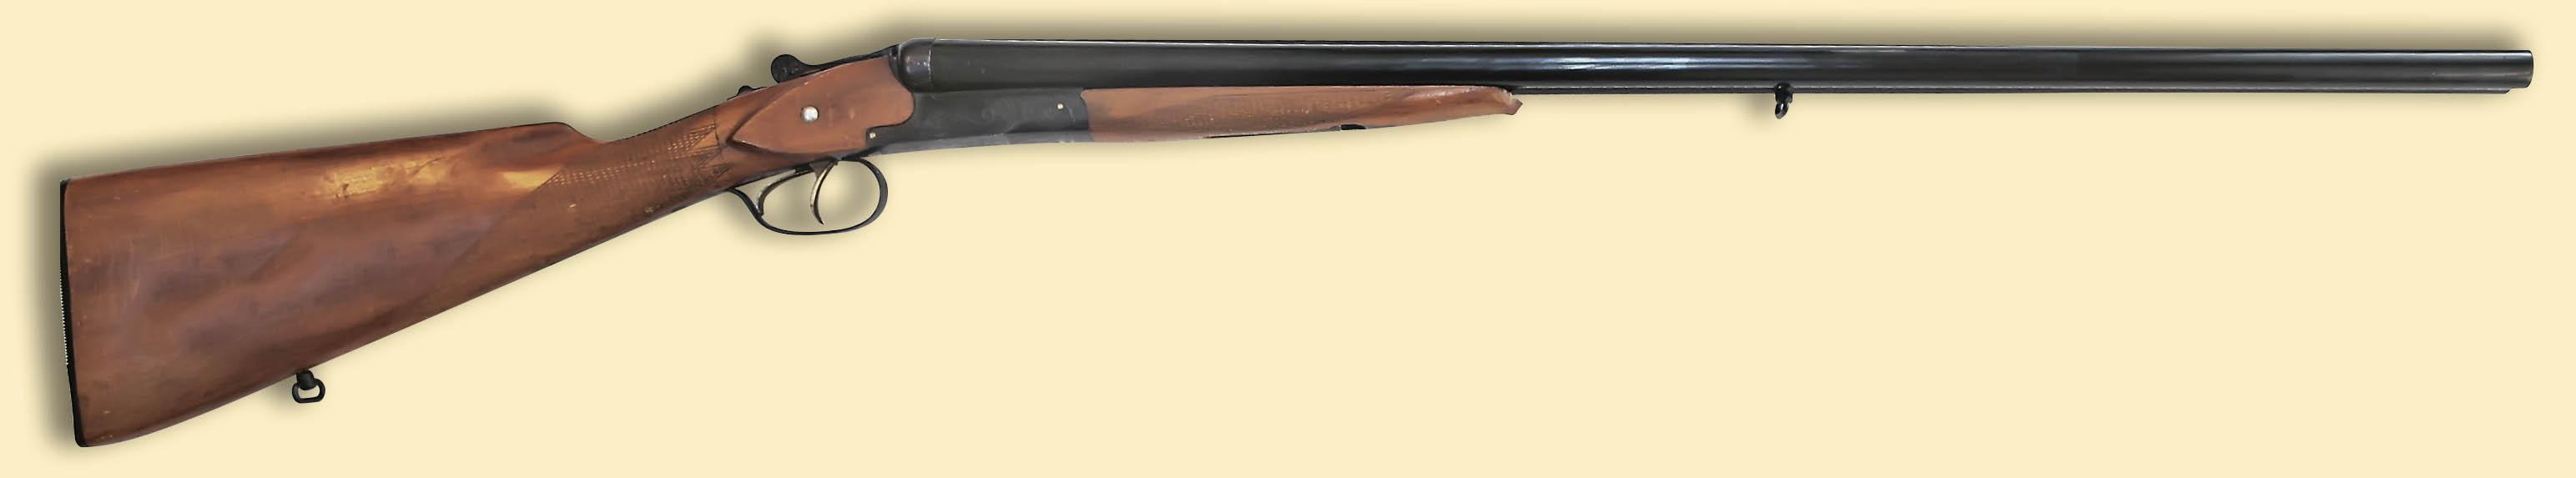 Общий вид охотничьего двуствольного ружья ТОЗ–25. Вид справа